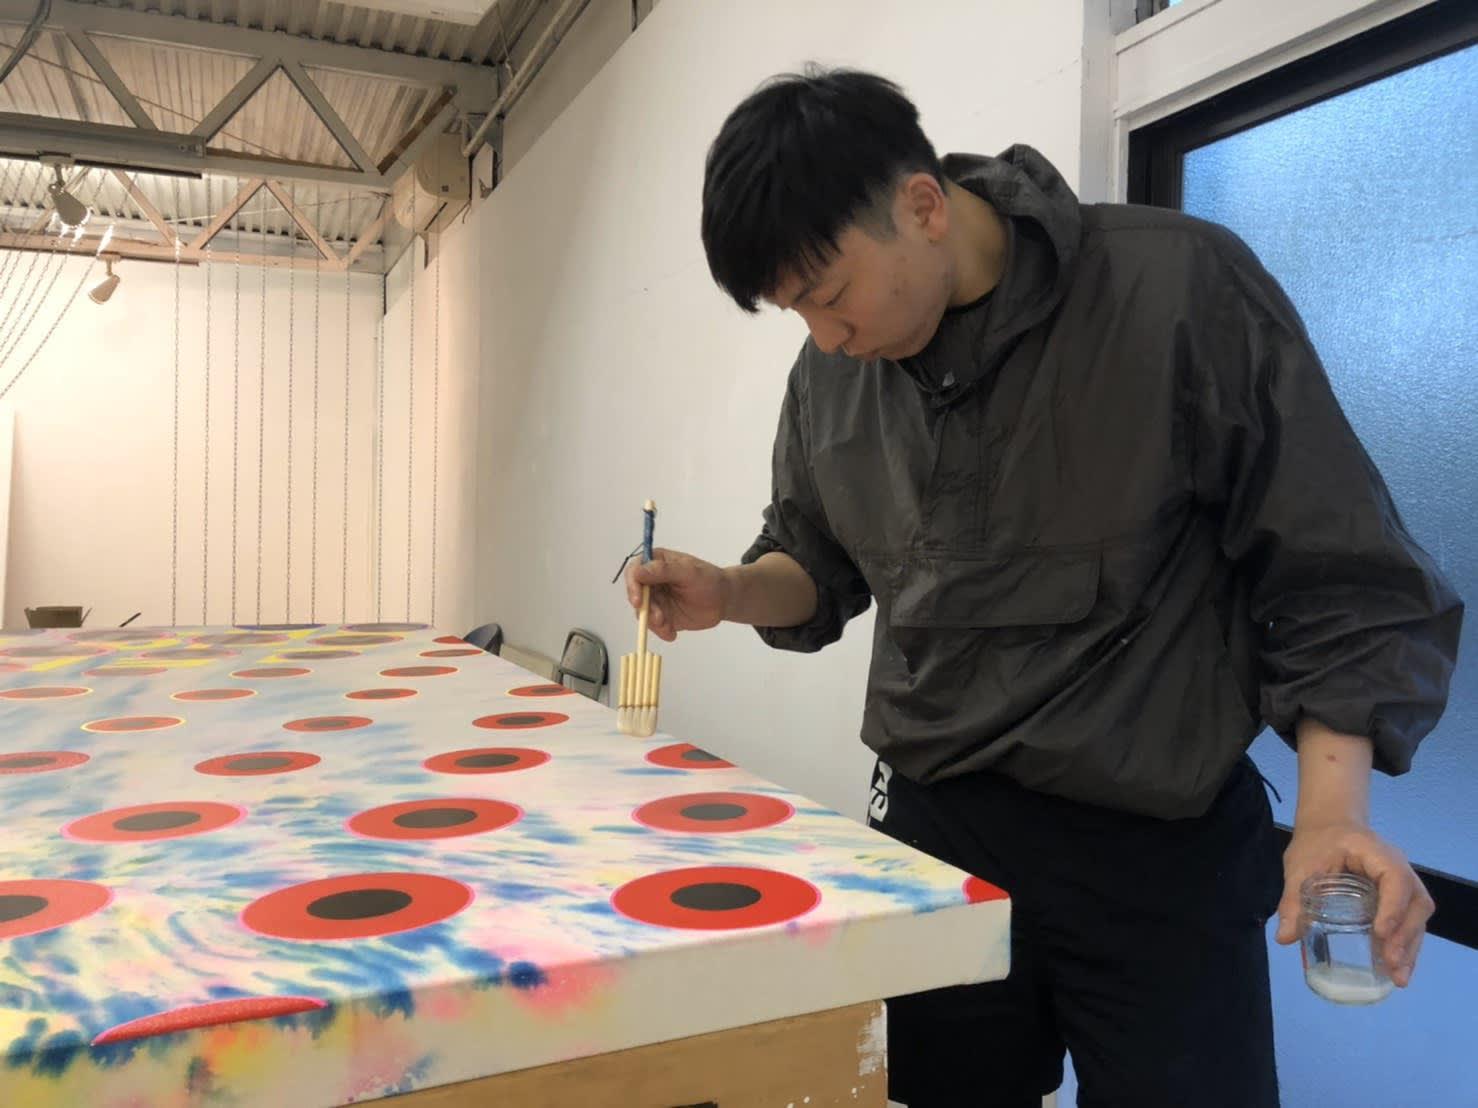 Jong YuGyong in his Studio, © Jong YuGyong